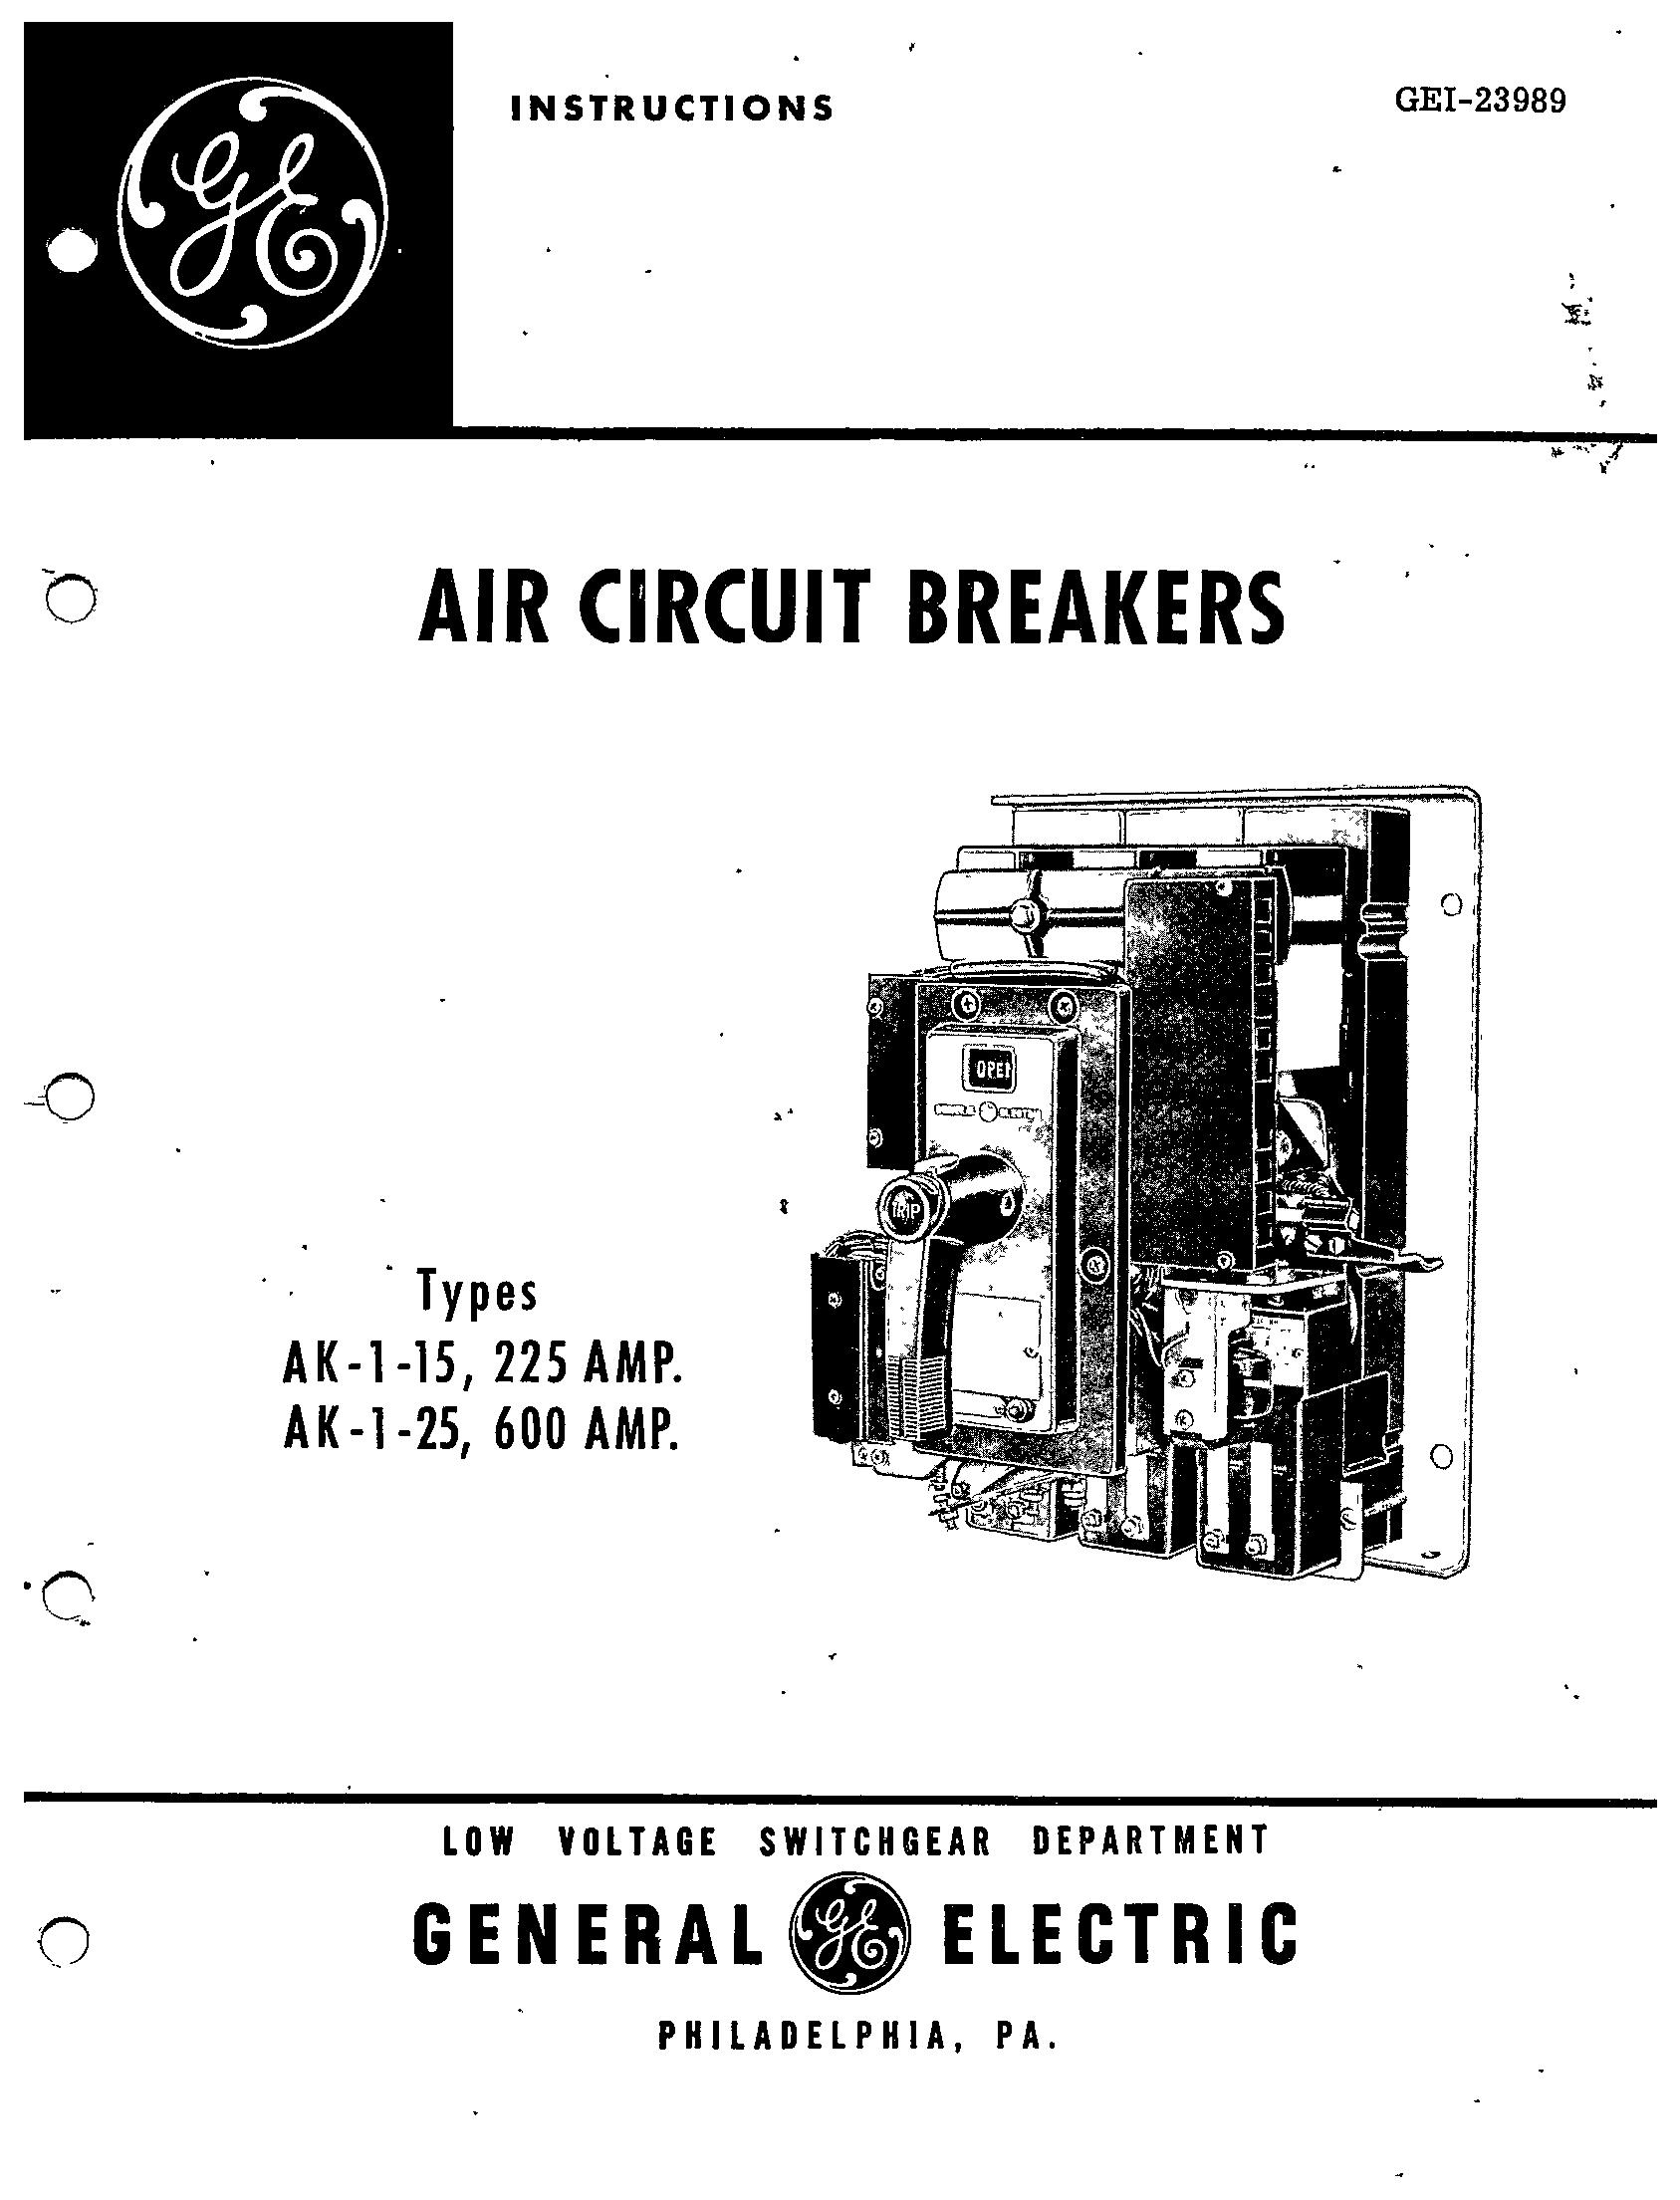 Gei Types 1 15 225 Amp Ak 1 25 600 Amp Manual